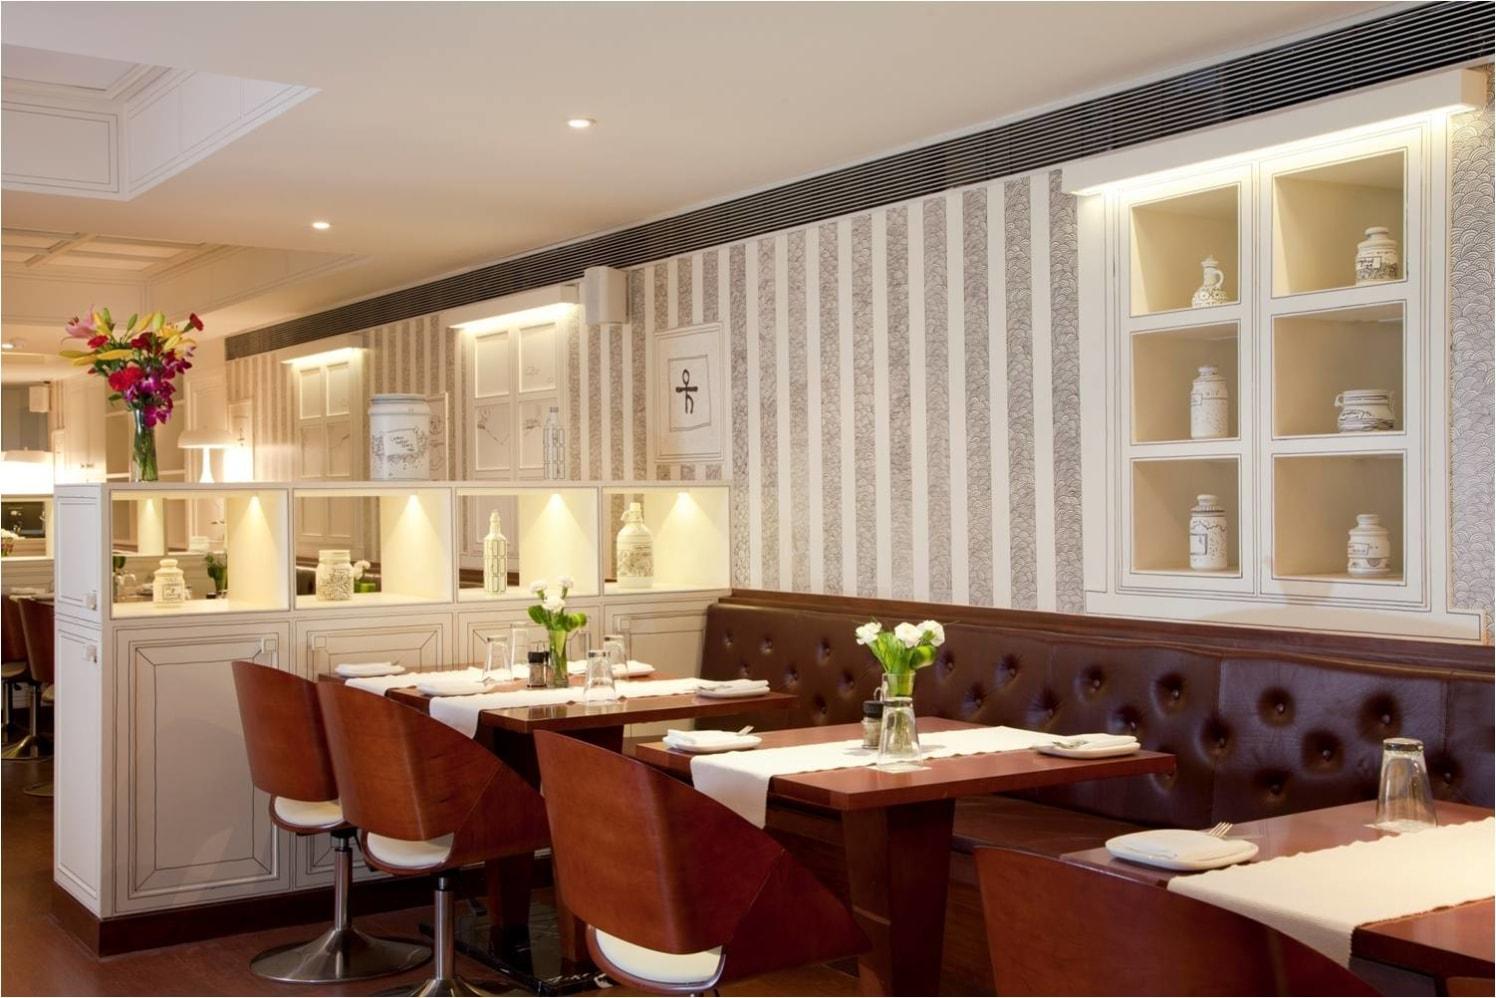 Modern Restaurant! by Red Touch Interior & Retail Designers Modern | Interior Design Photos & Ideas